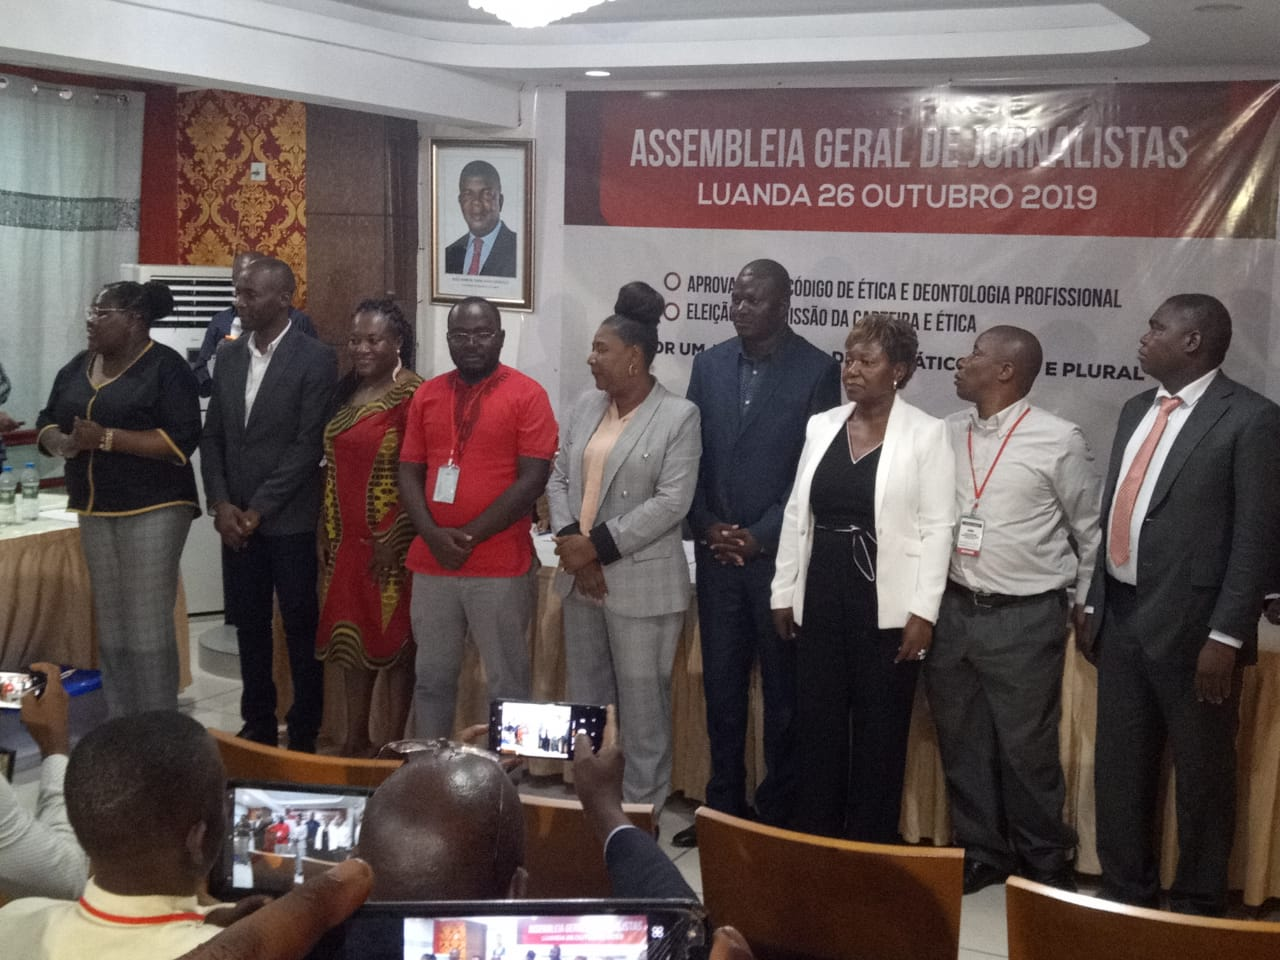 jornalistas angolanos elegem comissão da carteira e Ética - SAVE 20191027 154956 - Jornalistas angolanos elegem Comissão da Carteira e Ética